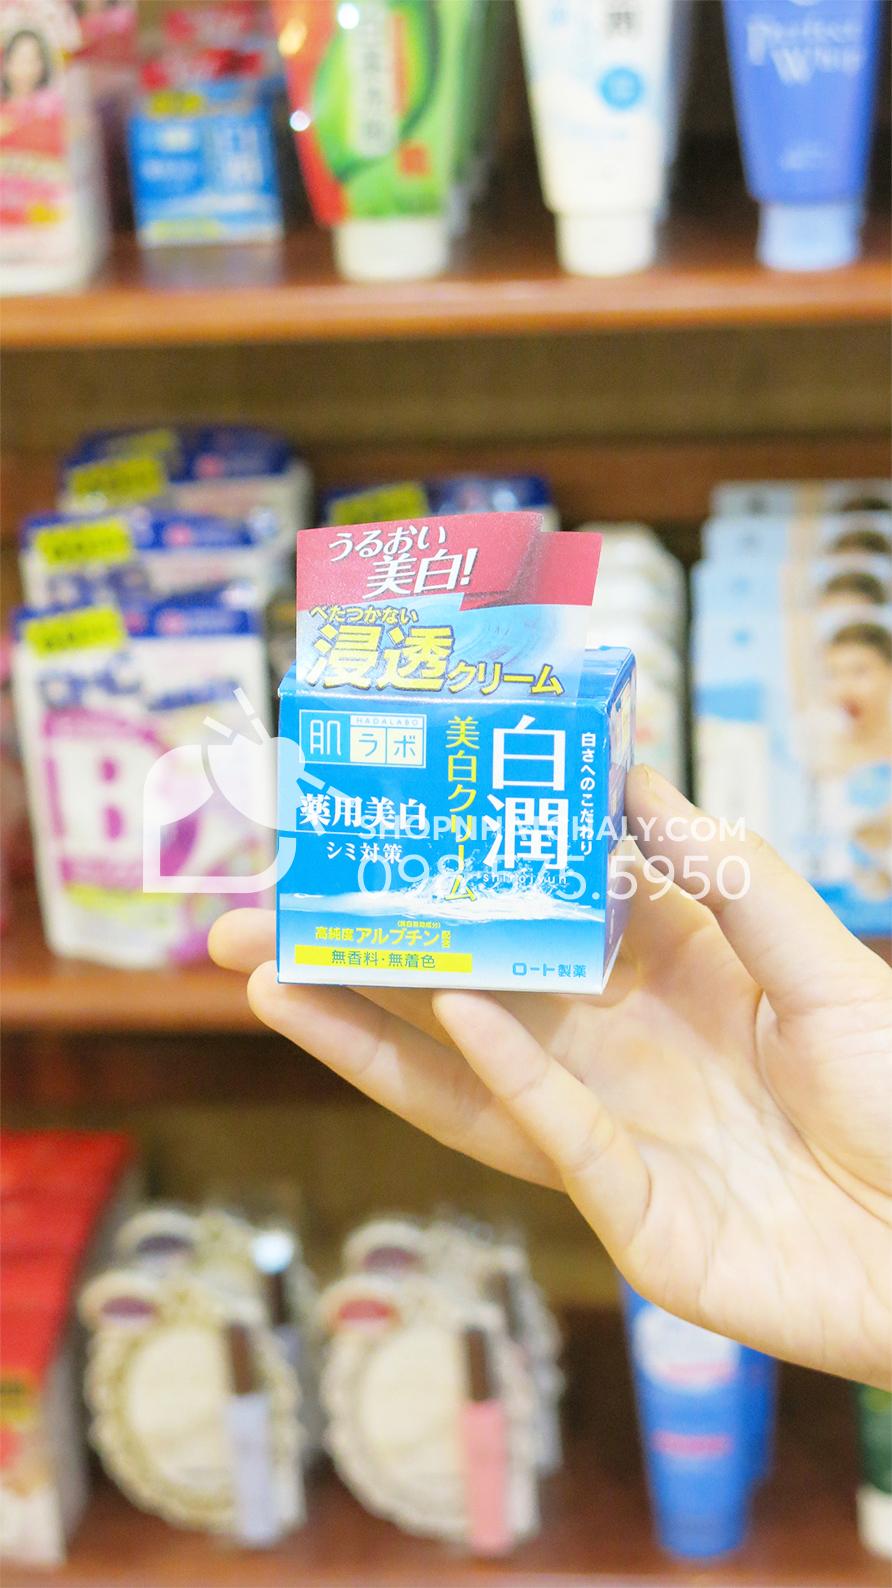 Kem dưỡng trắng da Hada Labo Shirojyun 50gr có kích thước gọn nhỏ, dễ dàng mang đi mỗi khi du lịch và vẫn dưỡng da đều đặn